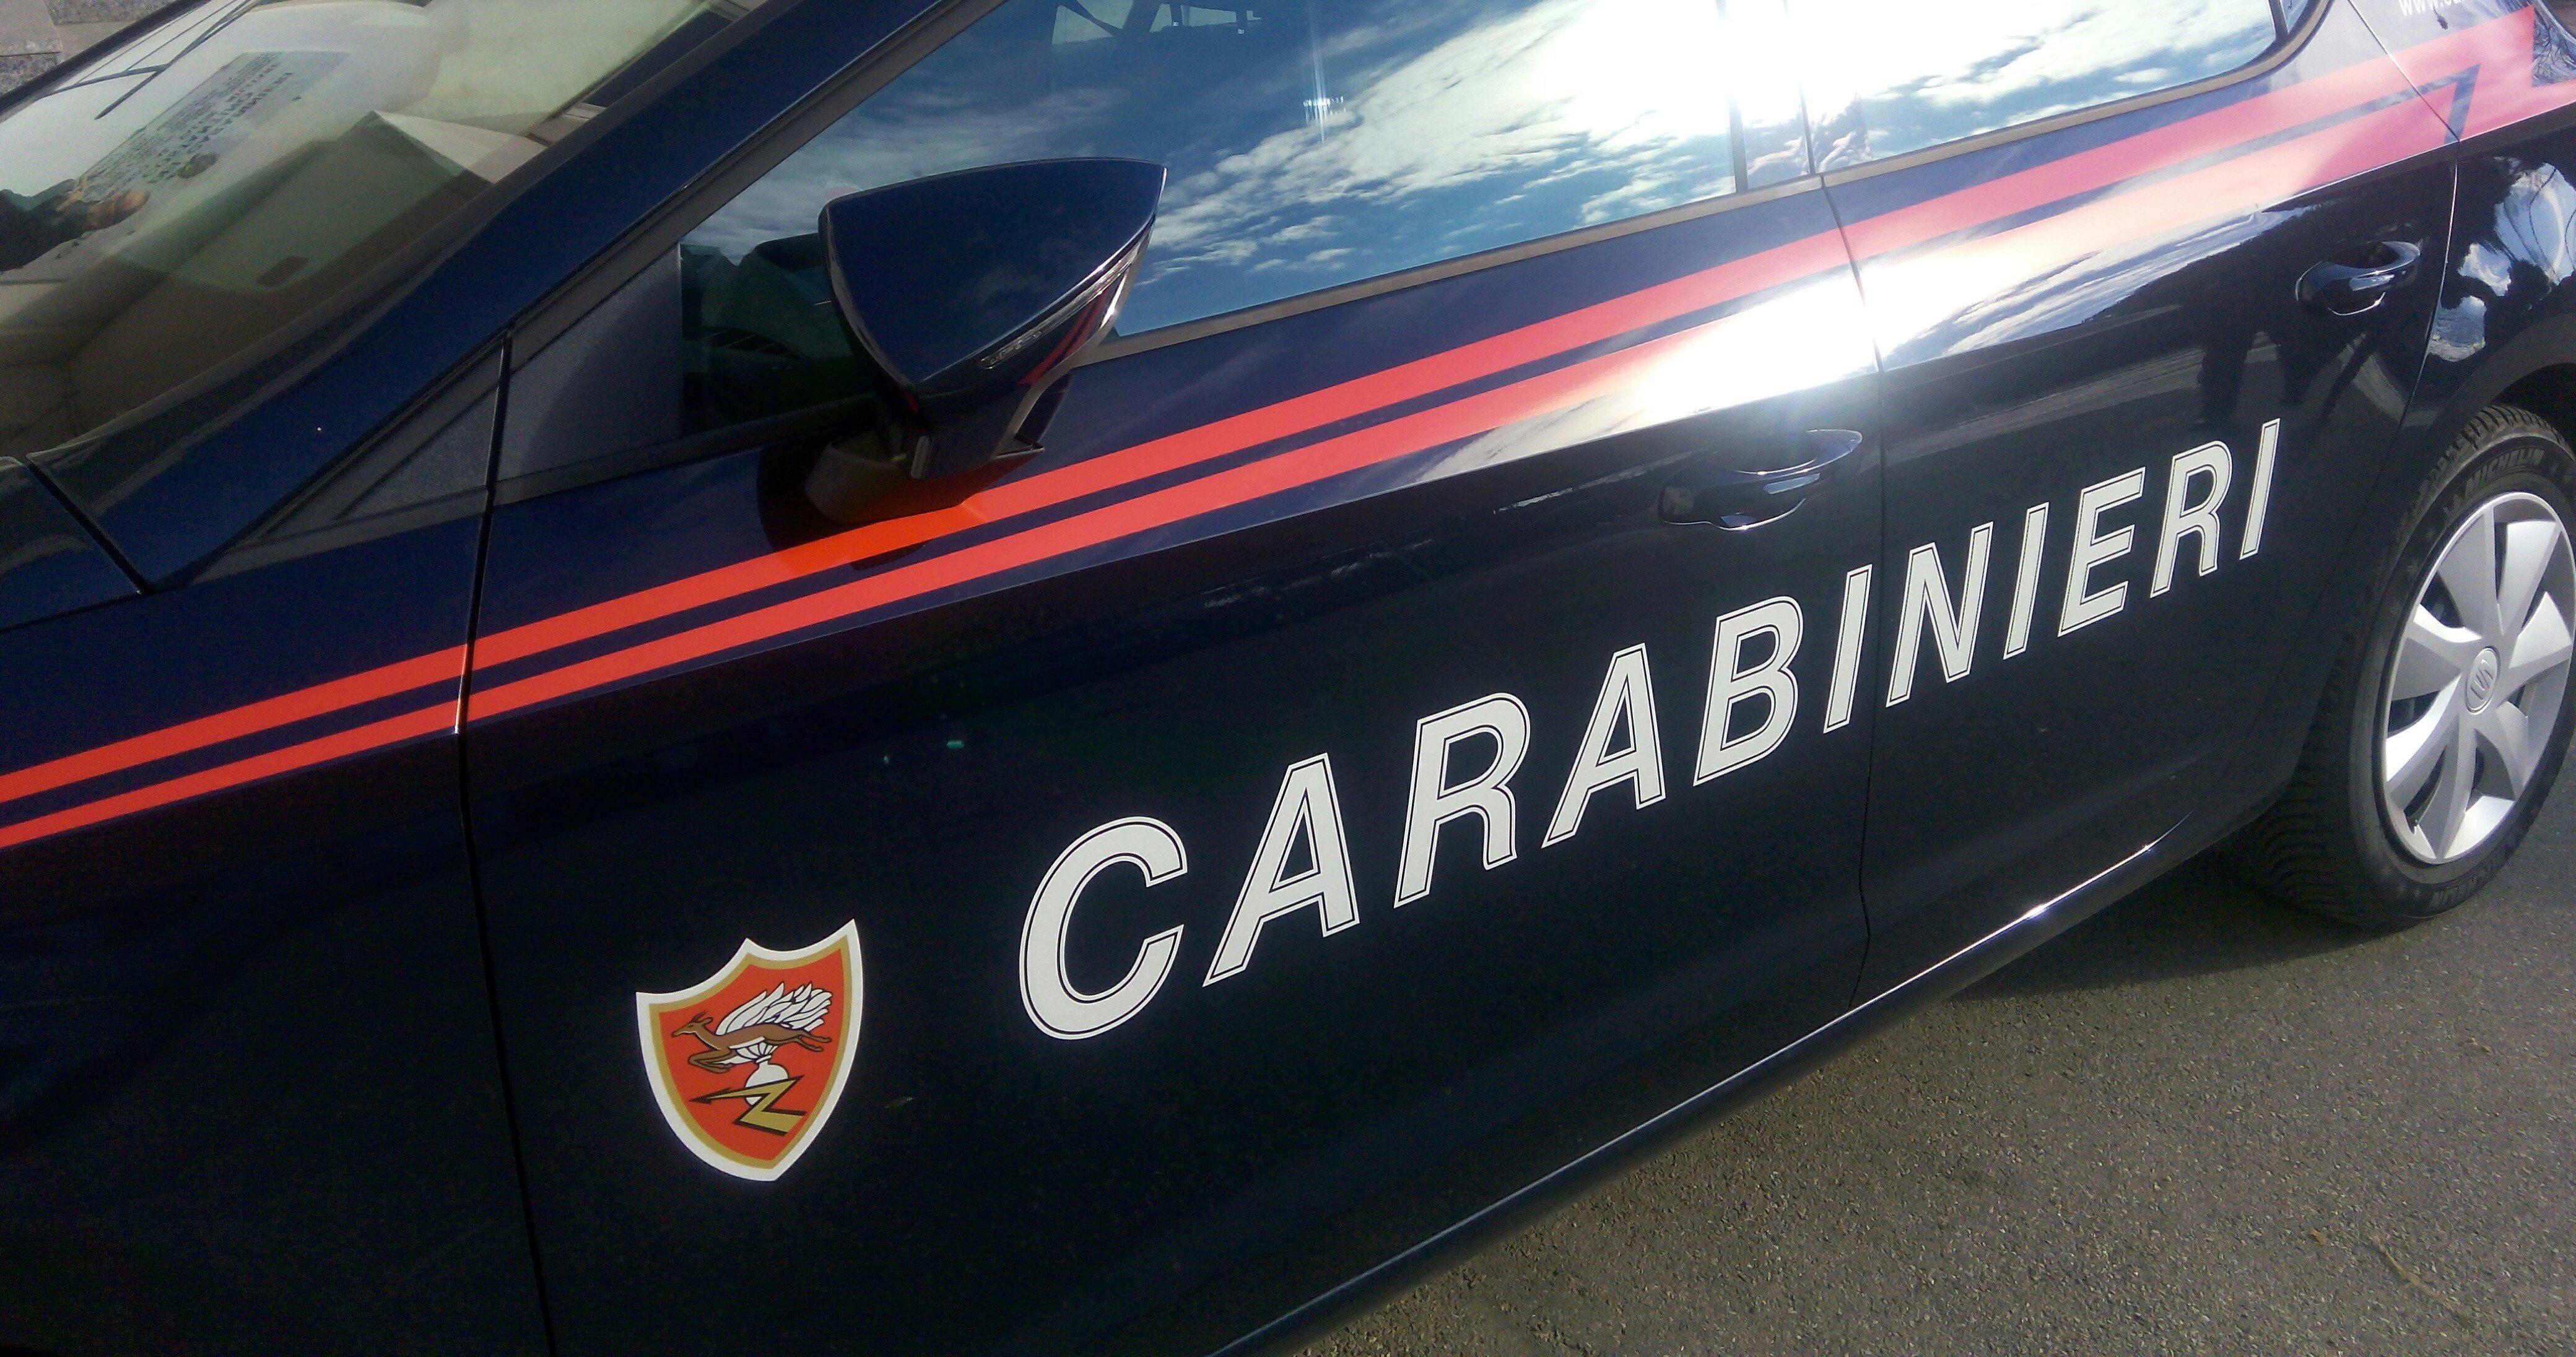 Acri, guida ubriaco e sfonda la serranda di un'abitazione. I carabinieri lo denunciano